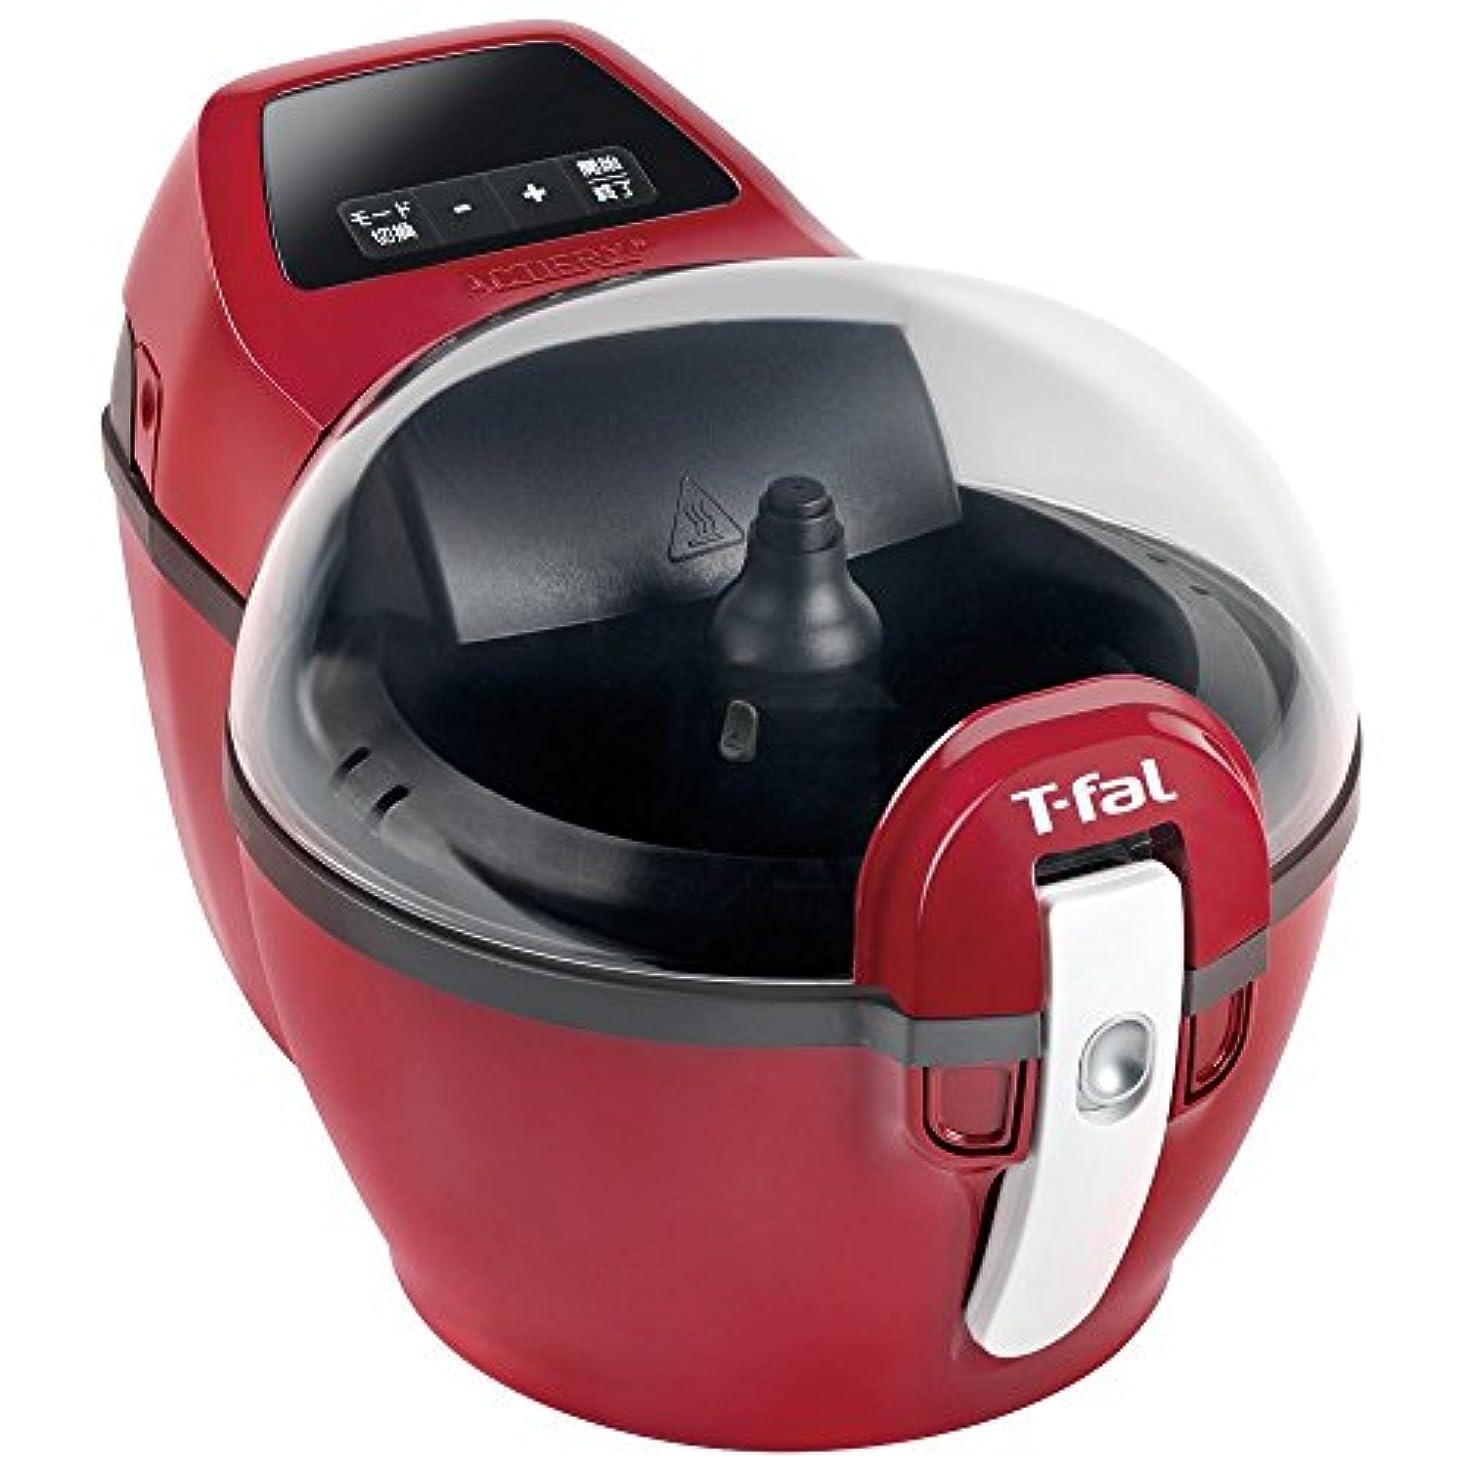 位置づけるソロ言うティファール 電気フライヤー アクティフライ  揚げ物 炒め物 煮込み レッド 調理家電 FZ205588